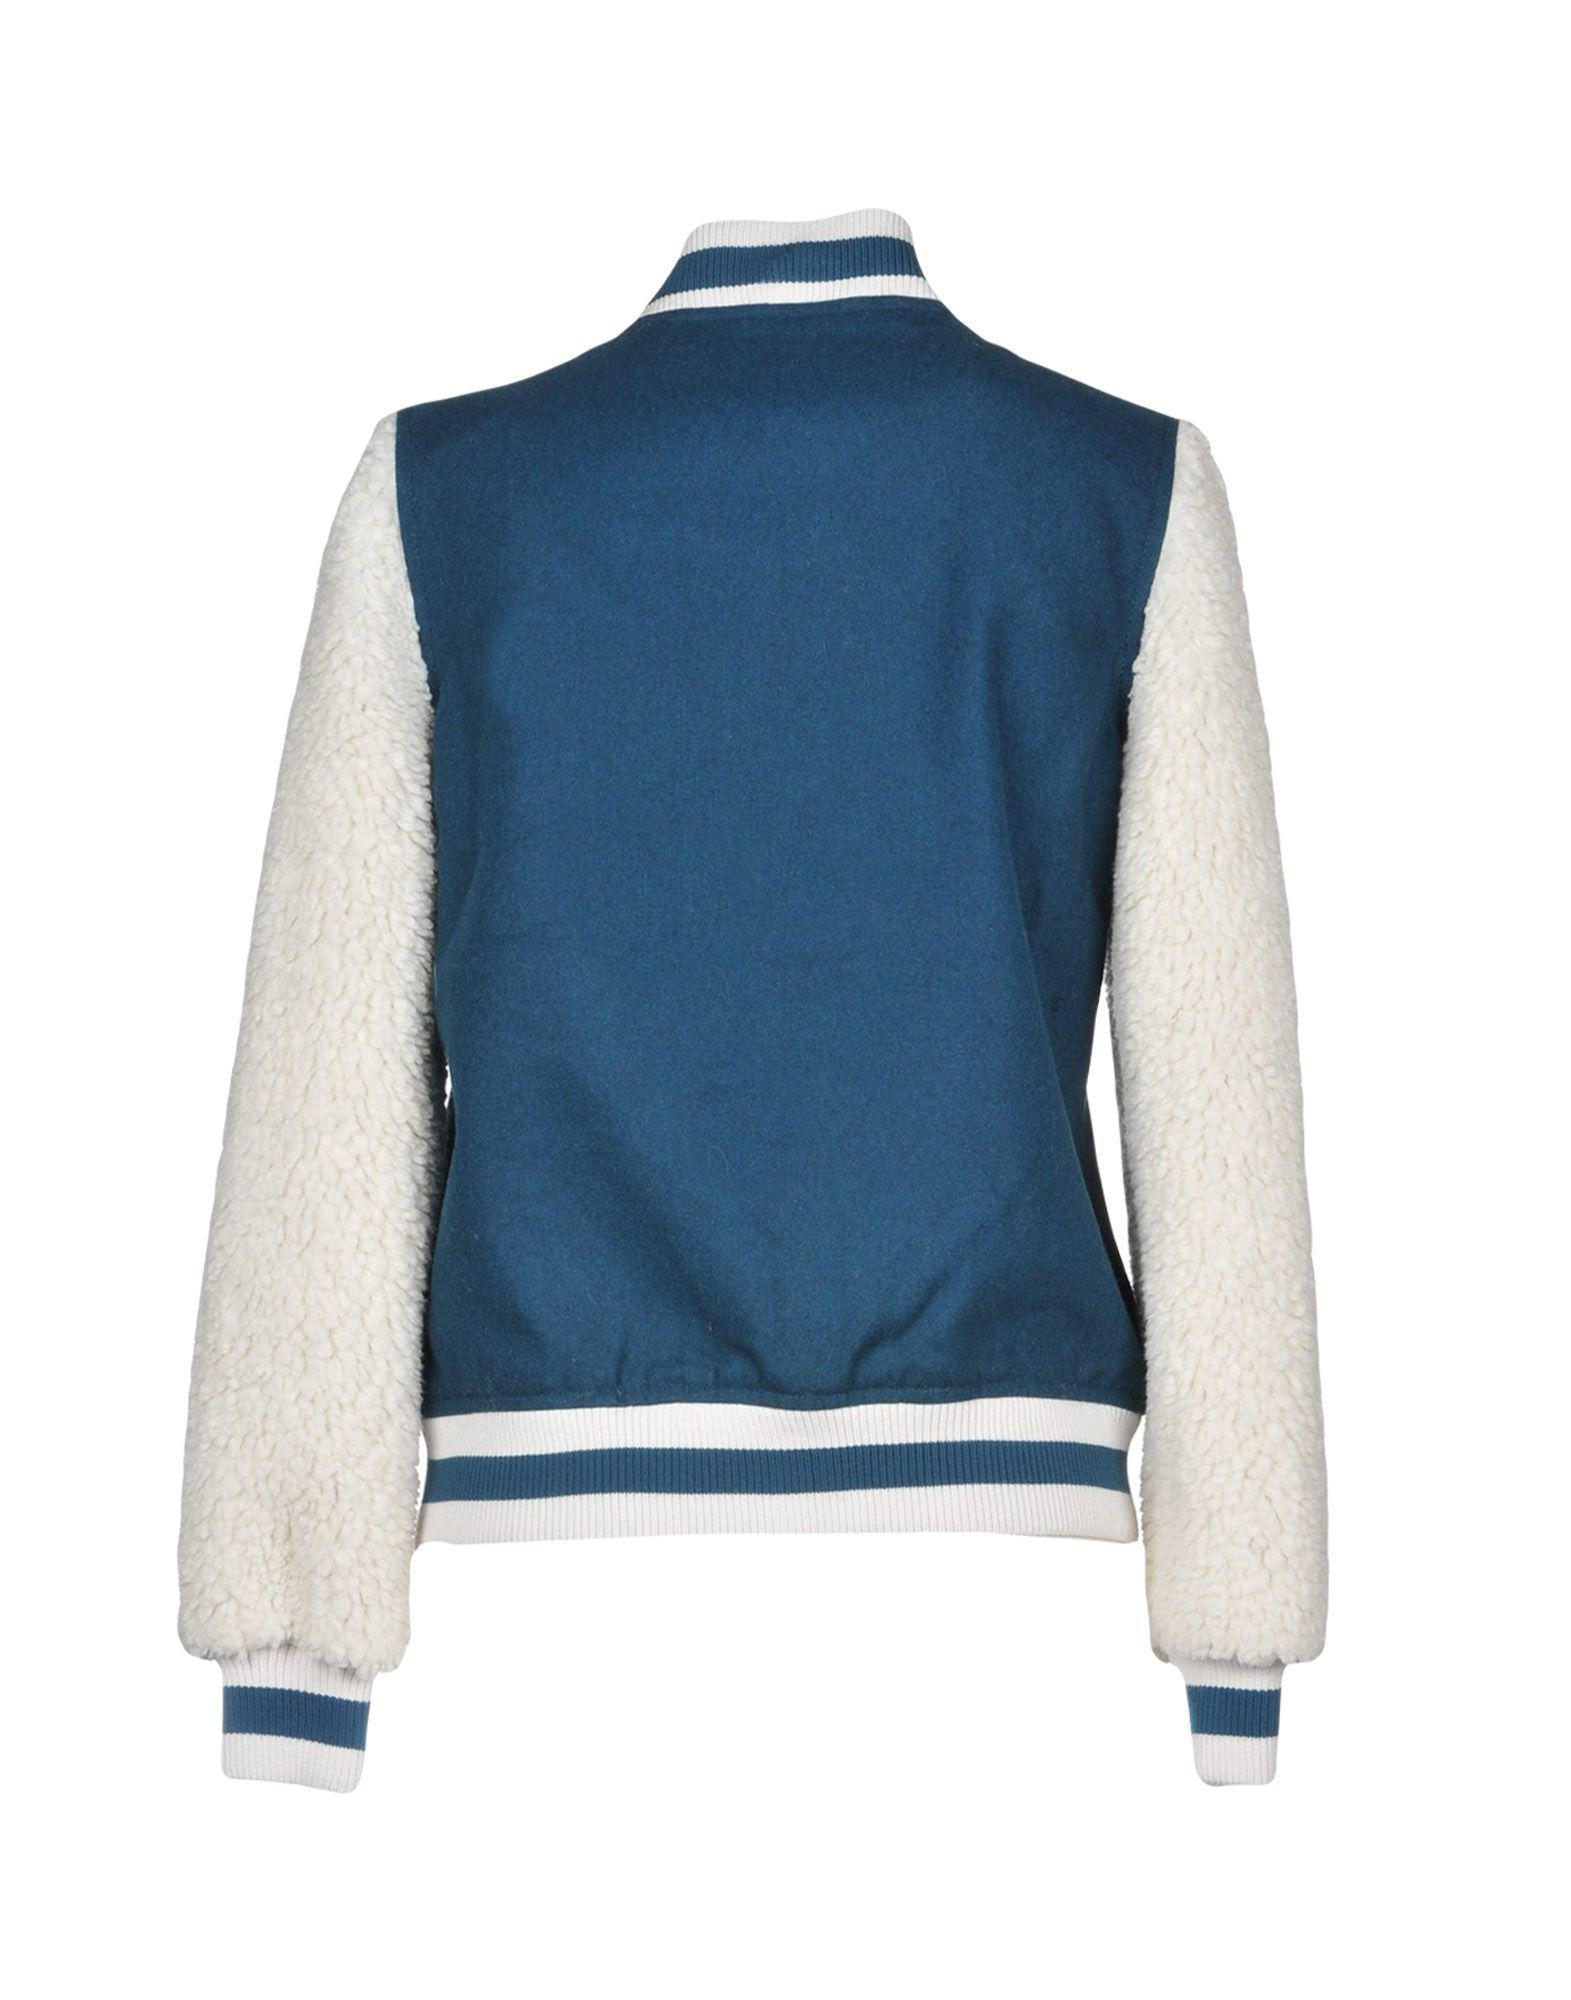 Vans Flannel Jacket in Deep Jade (Blue) for Men